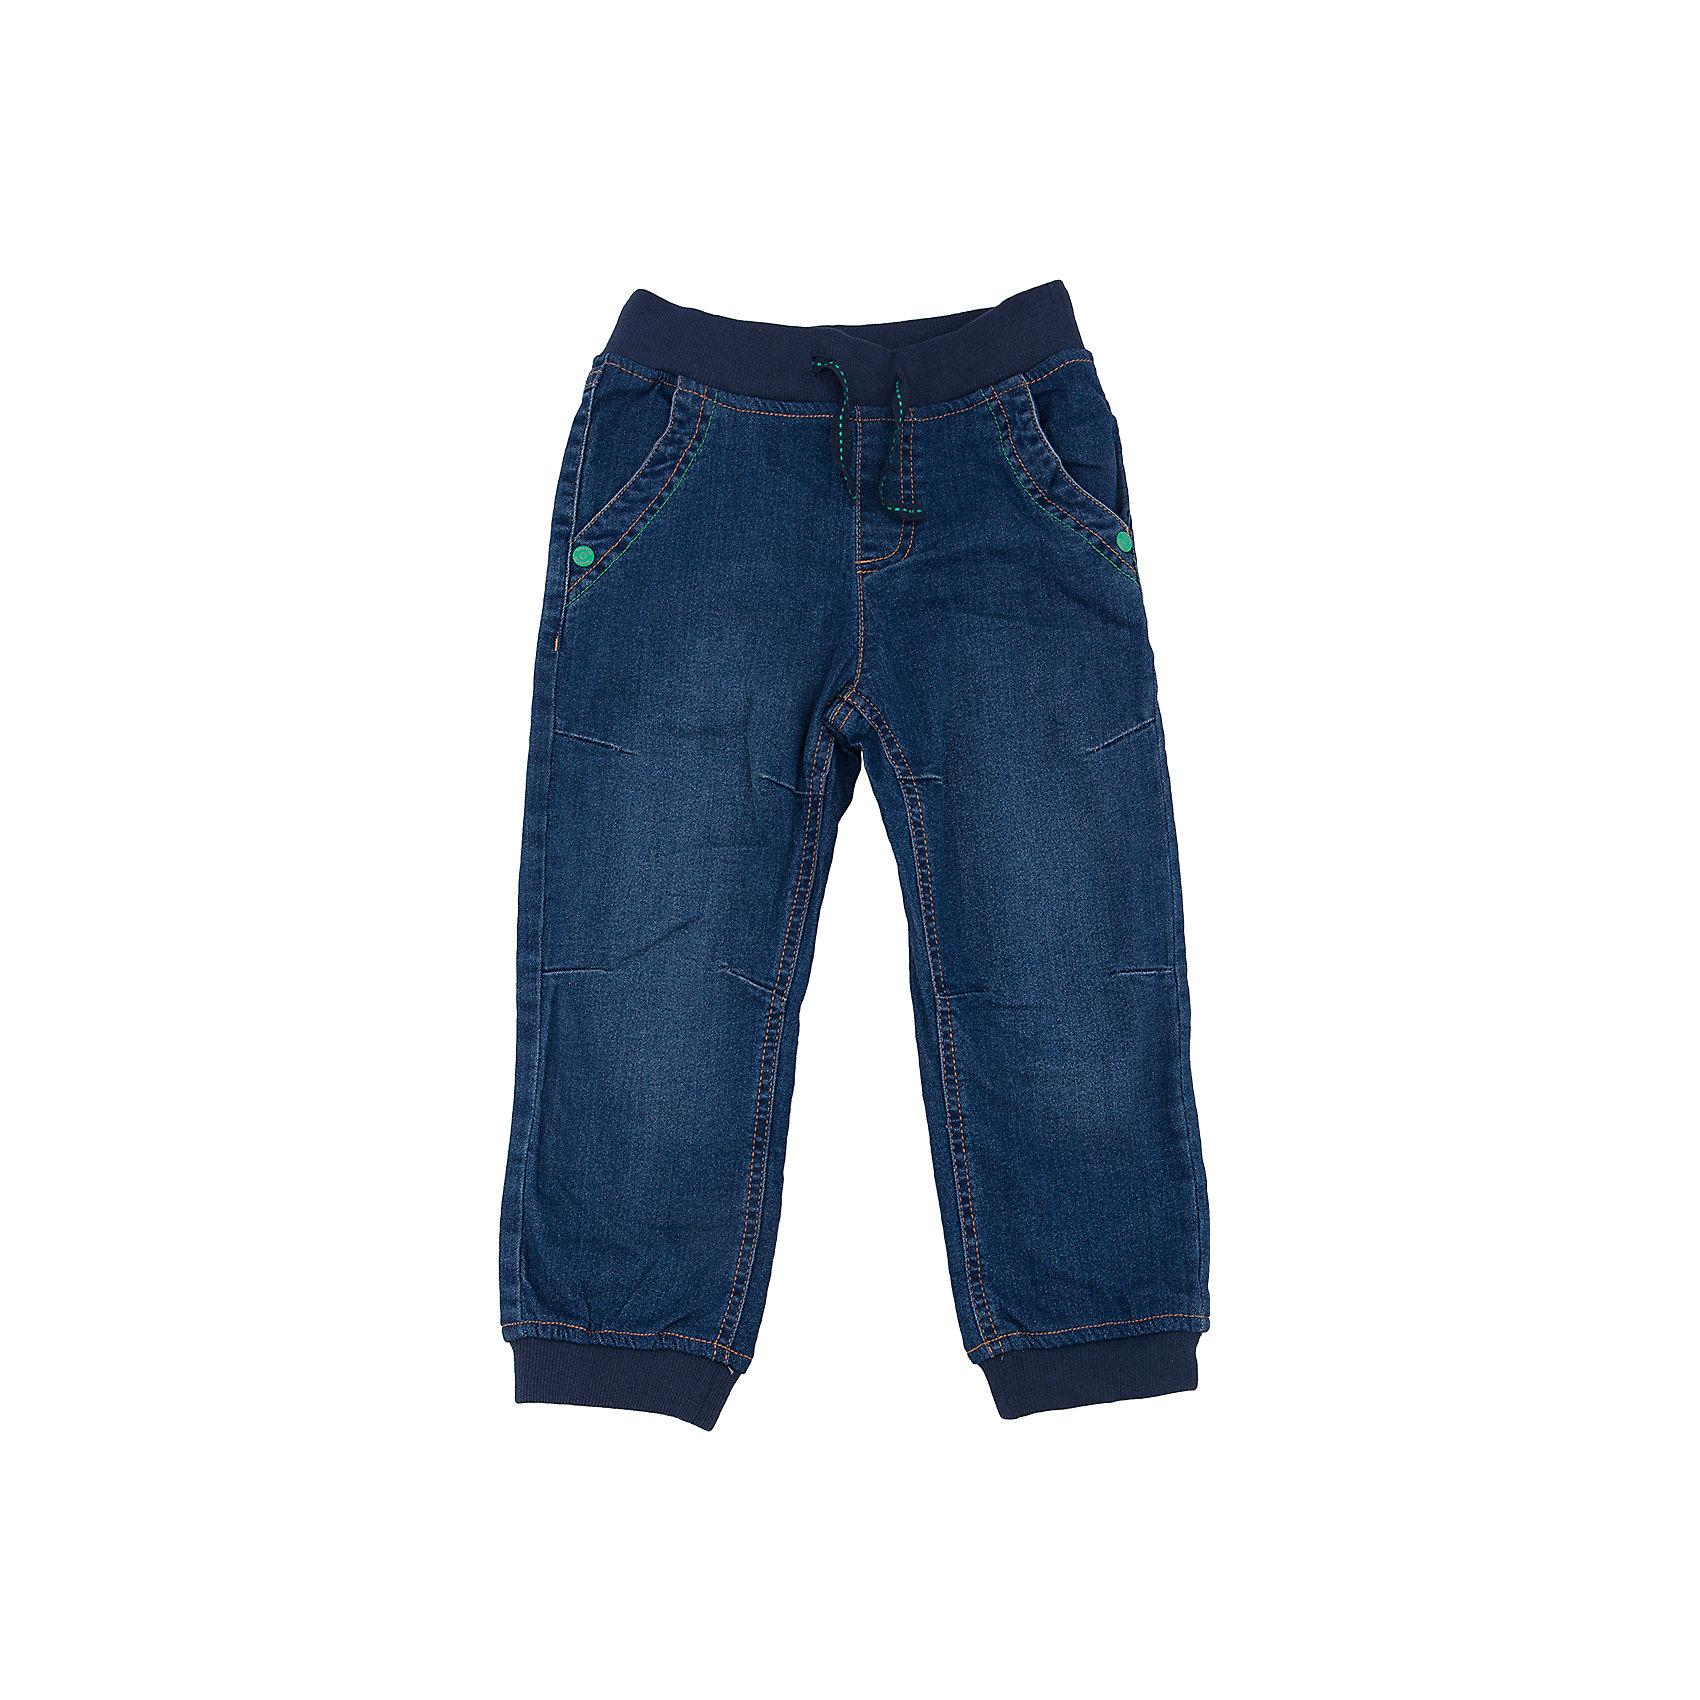 Джинсы для мальчика SELAДжинсы<br>Удобные джинсы - незаменимая вещь в детском гардеробе. Эта модель отлично сидит на ребенке, она сшита из плотного материала, натуральный хлопок не вызывает аллергии и обеспечивает ребенку комфорт. Модель станет отличной базовой вещью, которая будет уместна в различных сочетаниях.<br>Одежда от бренда Sela (Села) - это качество по приемлемым ценам. Многие российские родители уже оценили преимущества продукции этой компании и всё чаще приобретают одежду и аксессуары Sela.<br><br>Дополнительная информация:<br><br>цвет: синий;<br>материал: 80% хлопок, 17% ПЭ, 3% эластан; подкладка:100% хлопок;<br>плотный материал;<br>резинка и шнурок в поясе.<br><br>Джинсы для мальчика от бренда Sela можно купить в нашем интернет-магазине.<br><br>Ширина мм: 215<br>Глубина мм: 88<br>Высота мм: 191<br>Вес г: 336<br>Цвет: синий<br>Возраст от месяцев: 36<br>Возраст до месяцев: 48<br>Пол: Мужской<br>Возраст: Детский<br>Размер: 104,116,92,98,110<br>SKU: 5008884